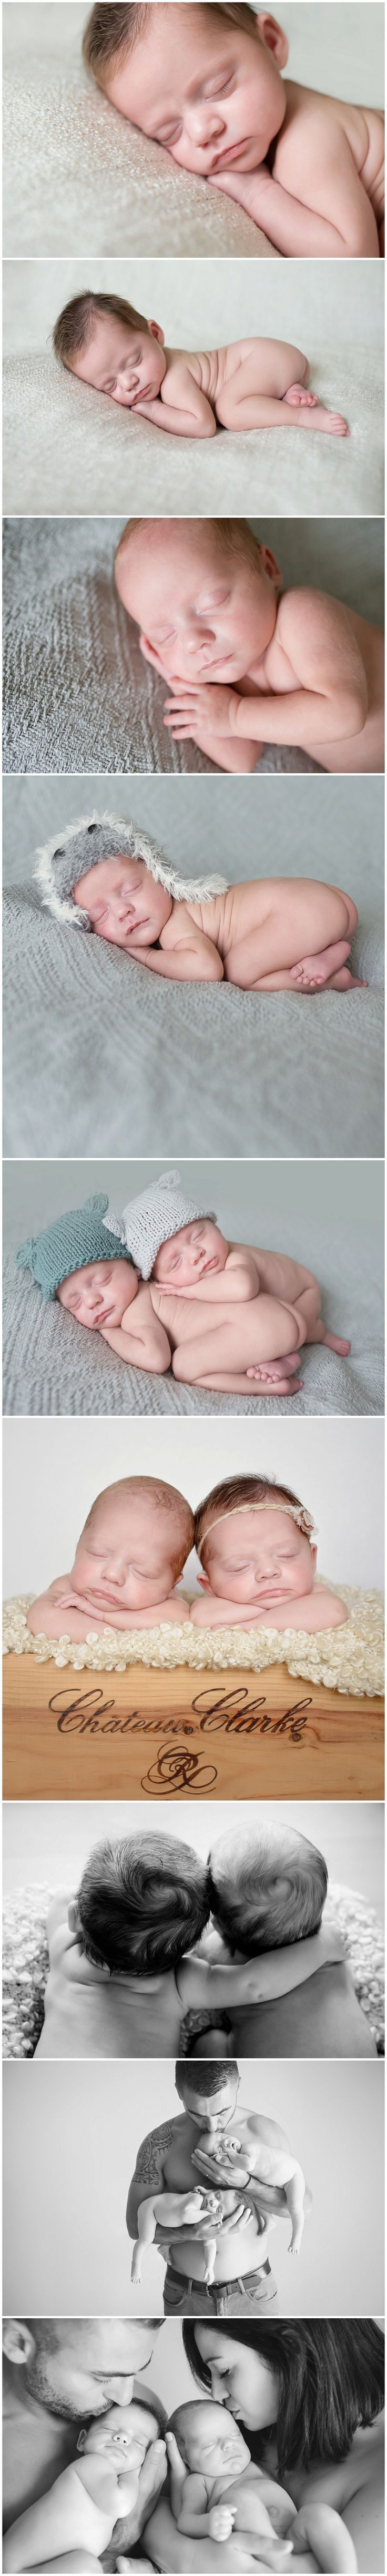 Jumeaux nouveau-nés  naissance garçon et fille                                                                                                                                                     Plus